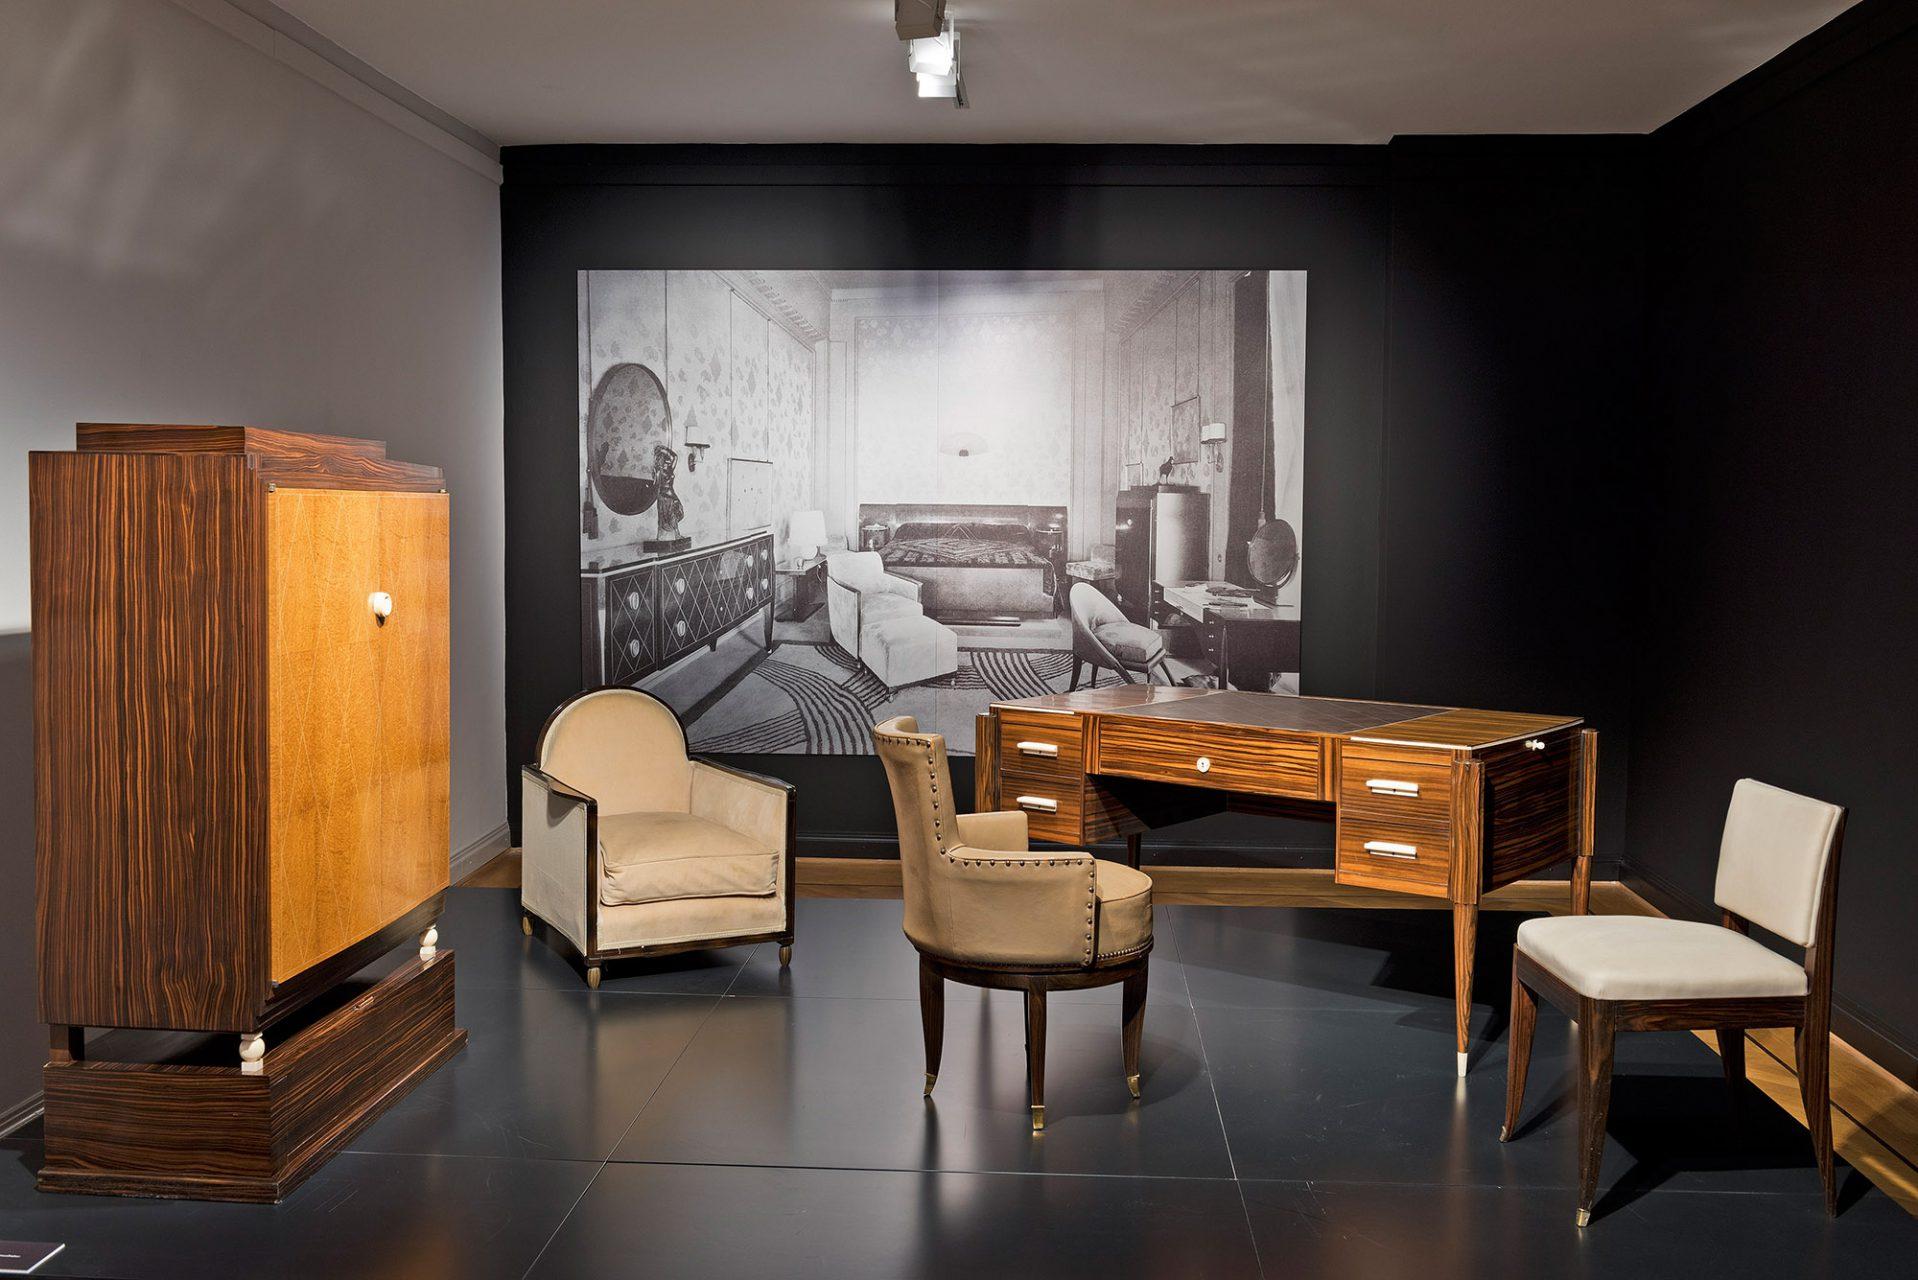 Paris 1925. Der französische Art déco hingegen war ein Luxusstil, der kostbare Materialien bevorzugte. Für die